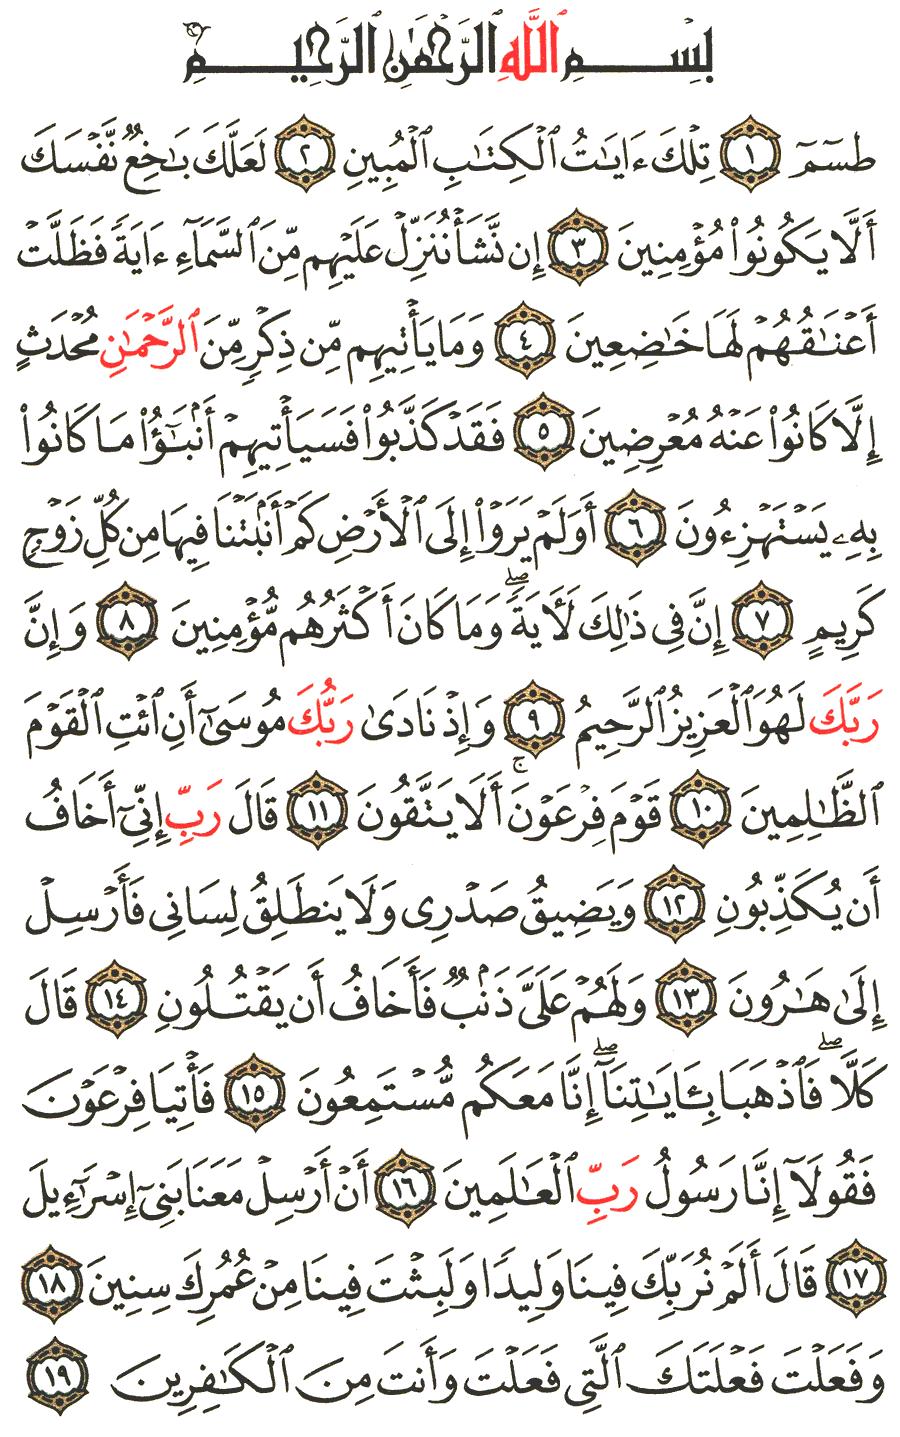 الصفحة رقم 367  من القرآن الكريم مكتوبة من المصحف